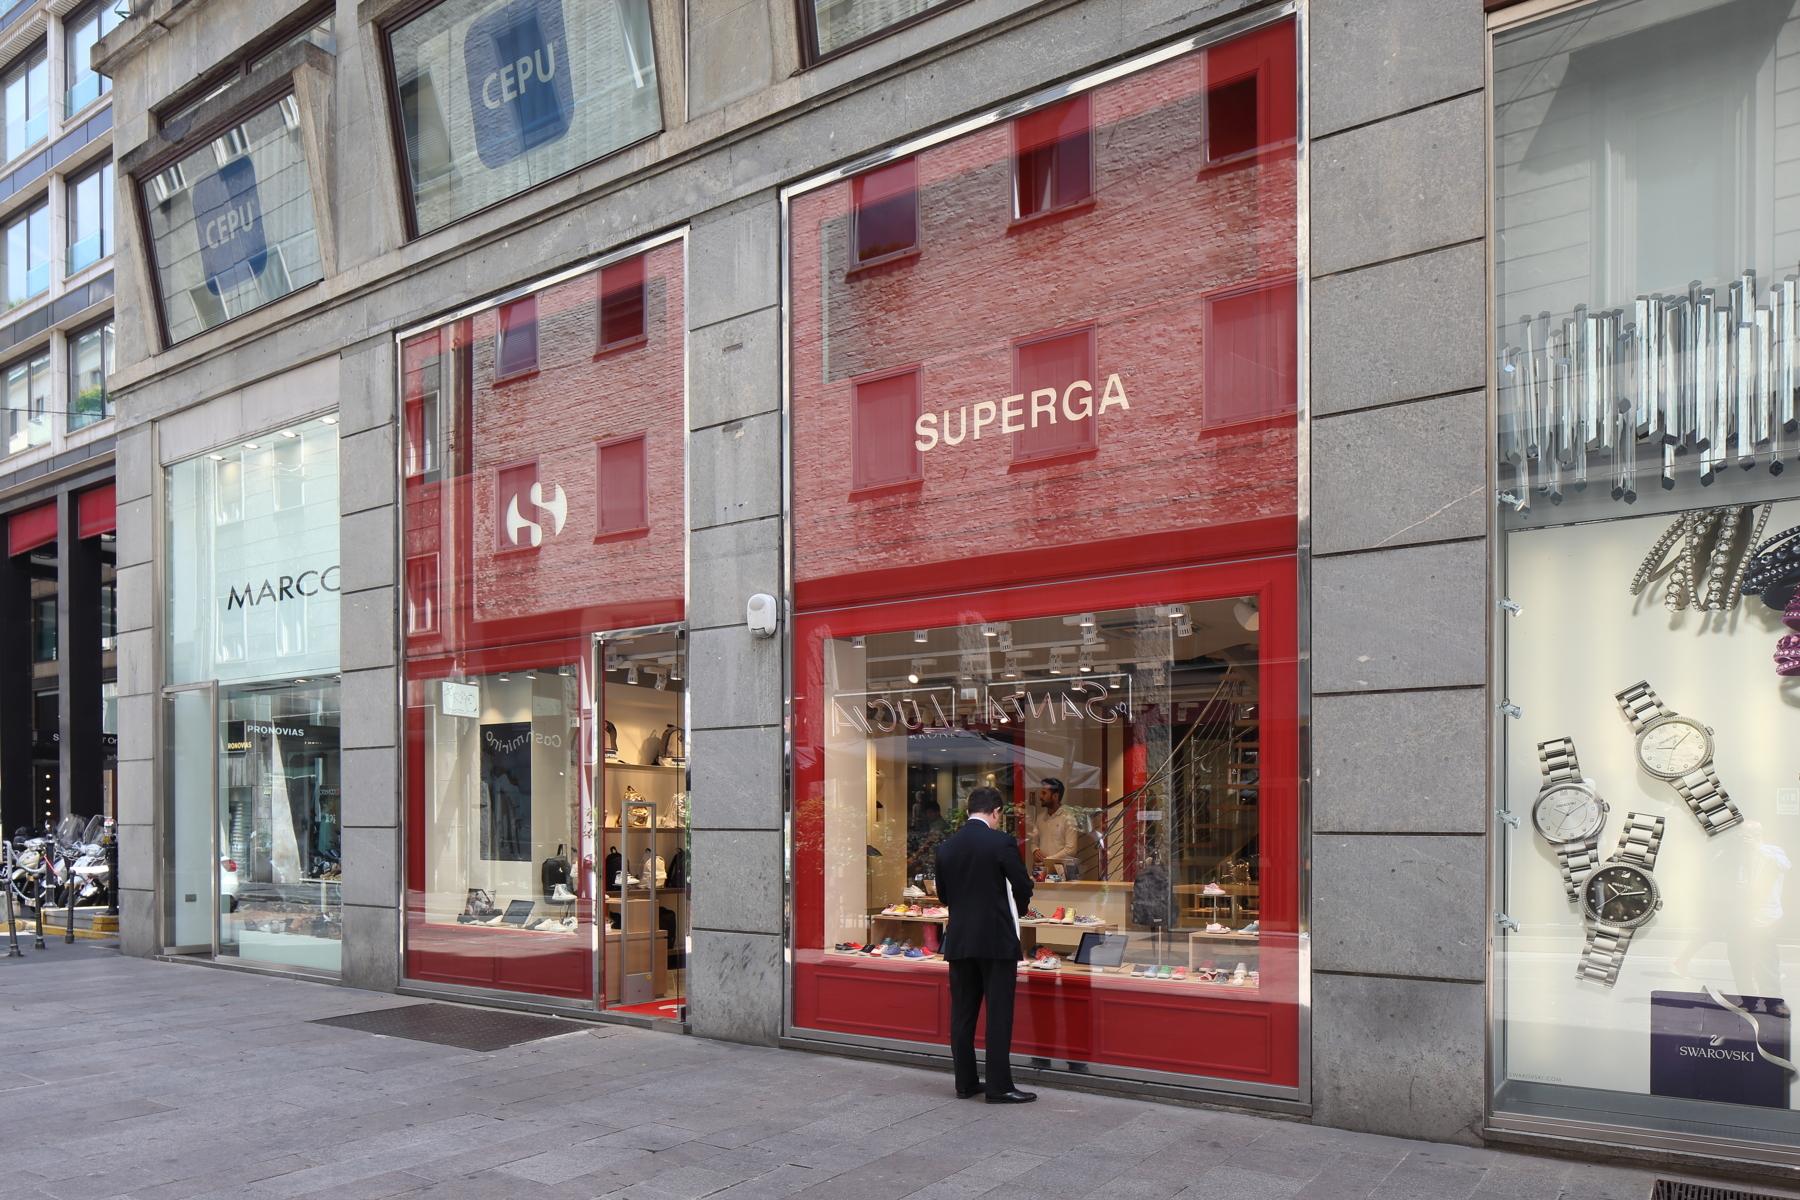 Negozi Per La Casa Milano ceramicandarubrica tv | magazine | il dstretto